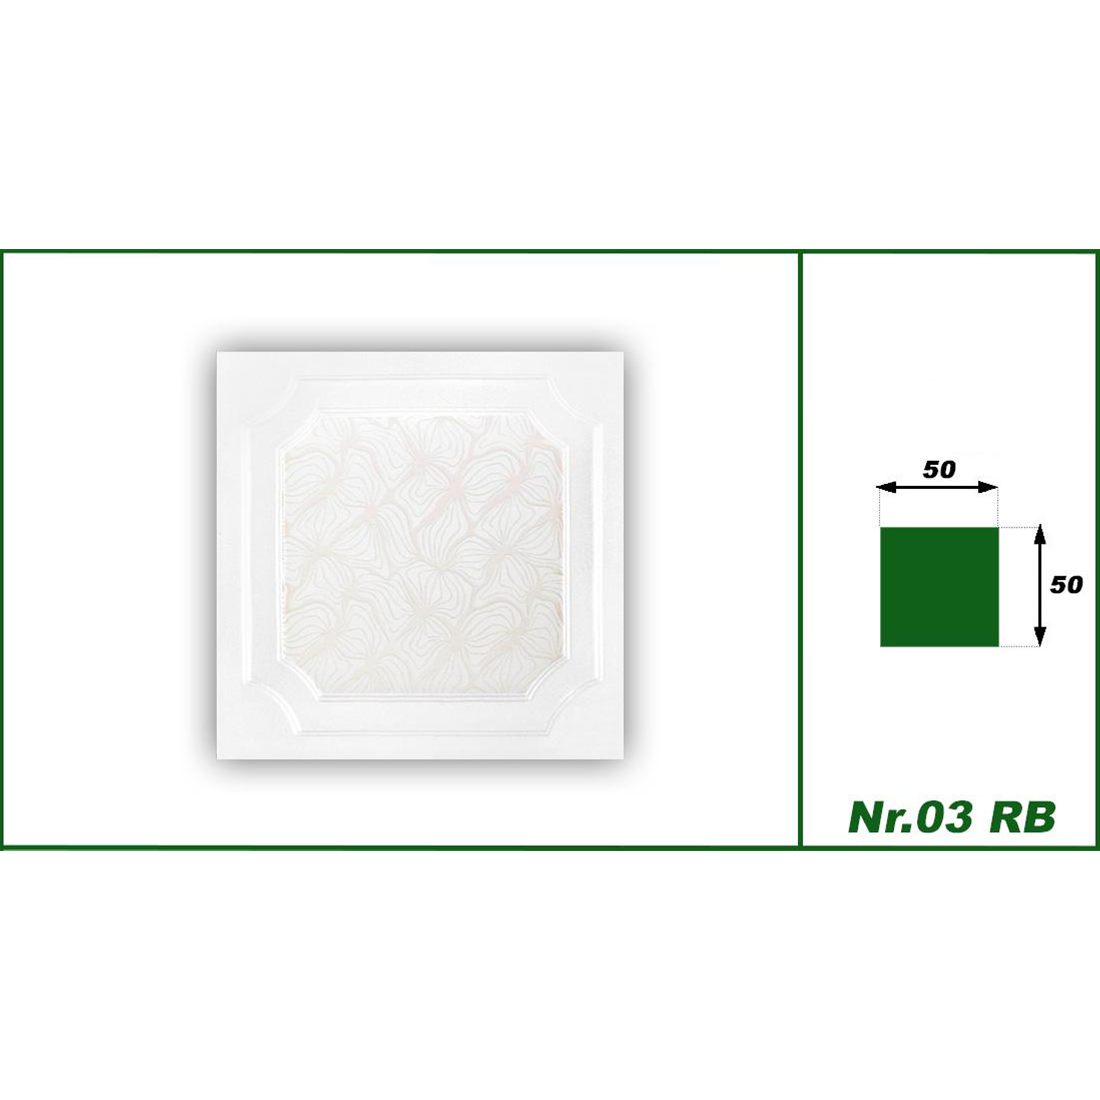 1 qm | Deckenplatten | XPS | formfest | Hexim | 50x50cm | Nr.03